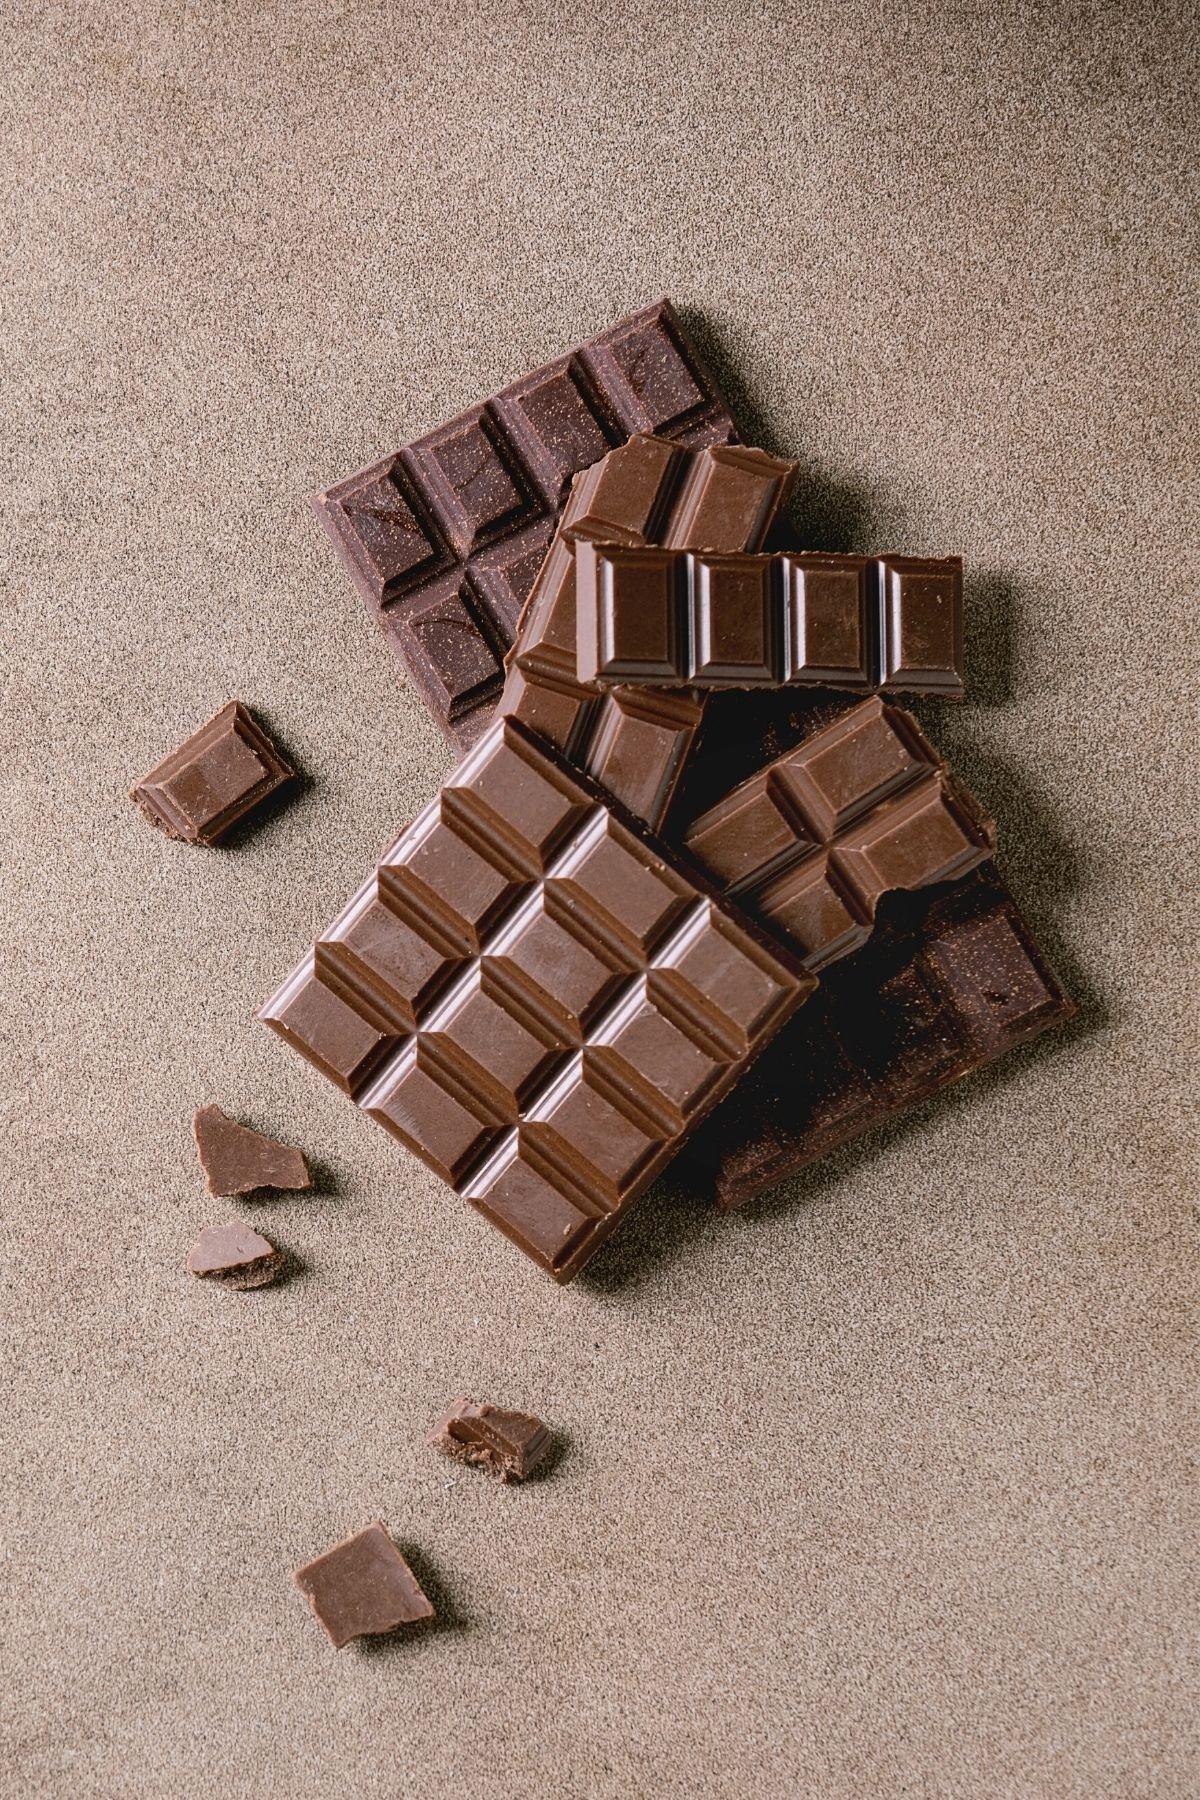 chocolate bar on a table